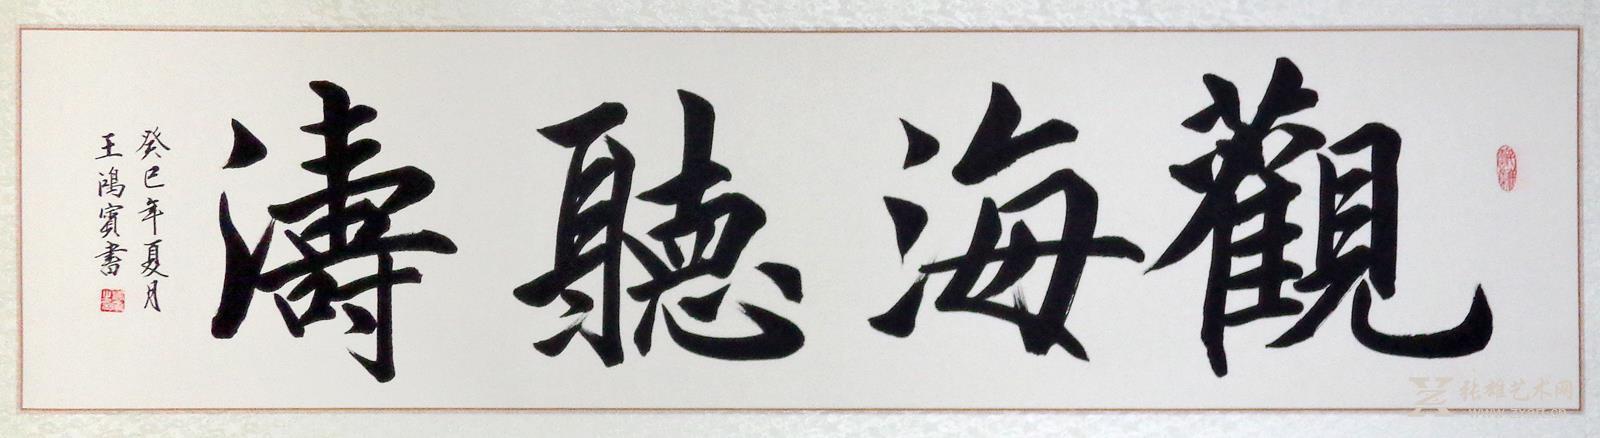 王鸿宾书法作品 - 观海听涛